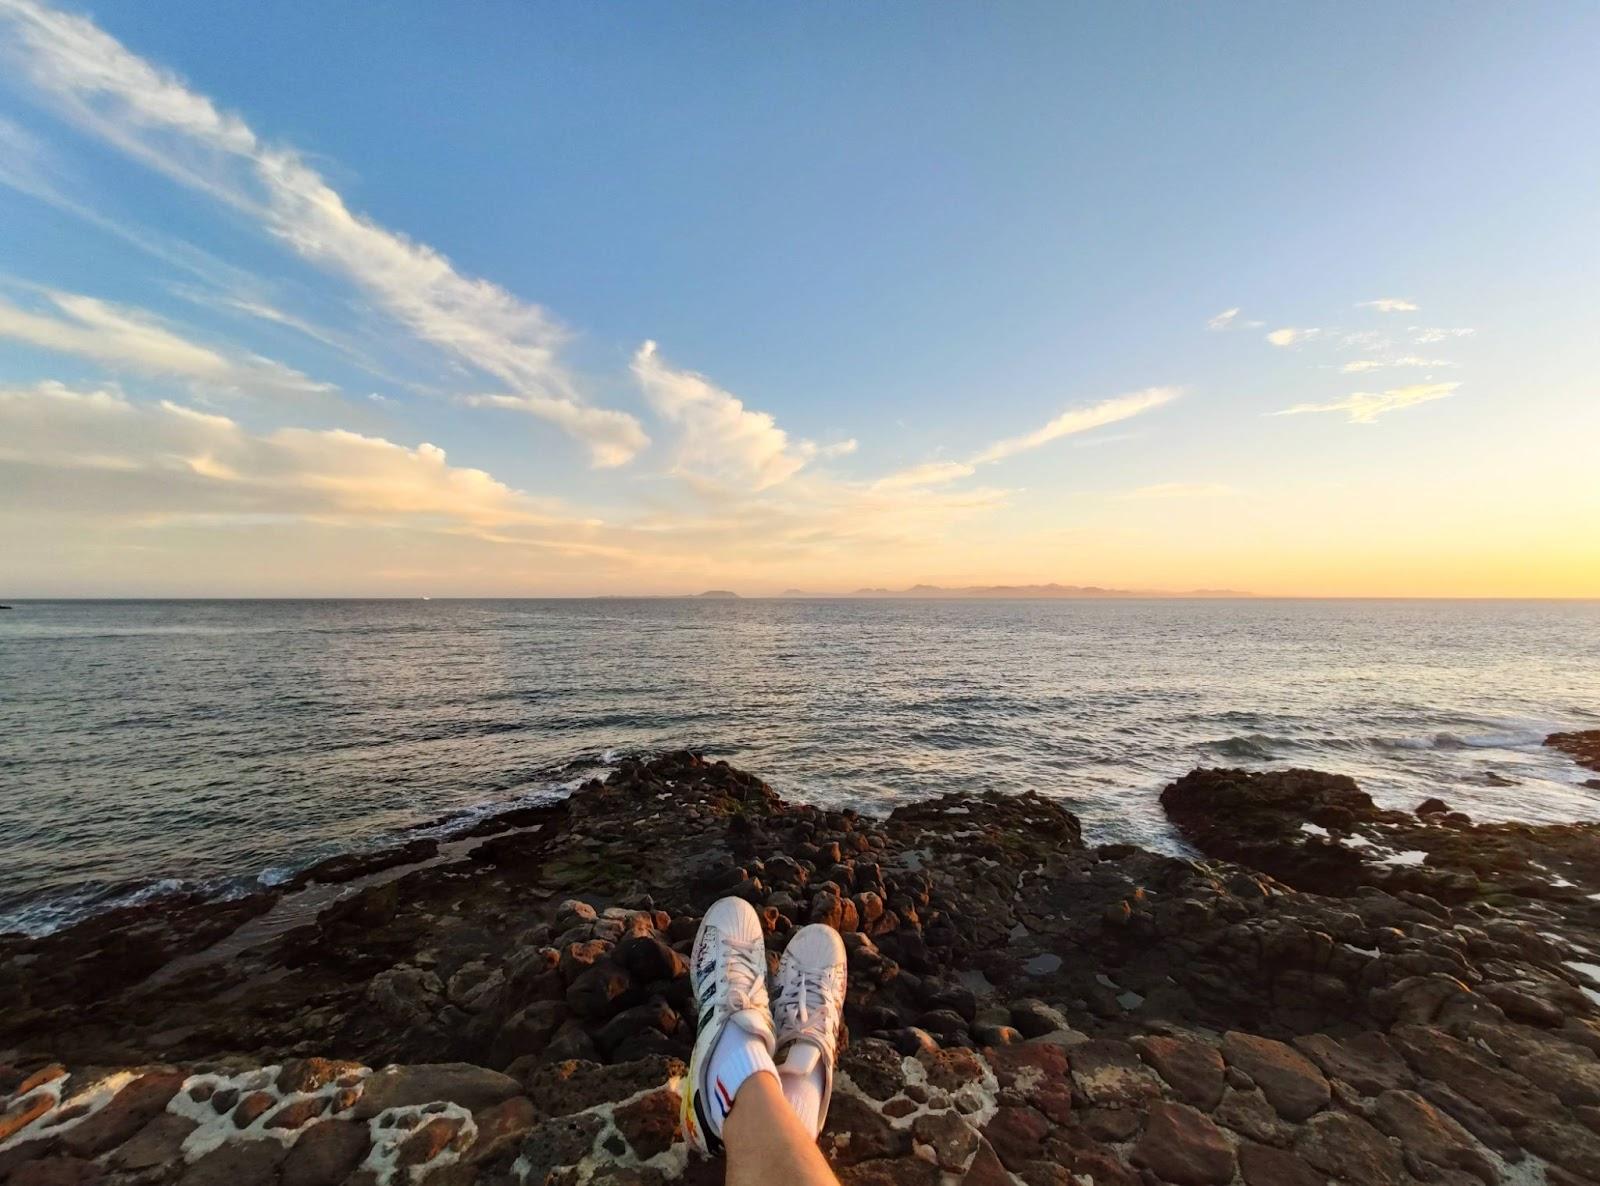 ragazzo-seduto-su-scoglio-vista-mare